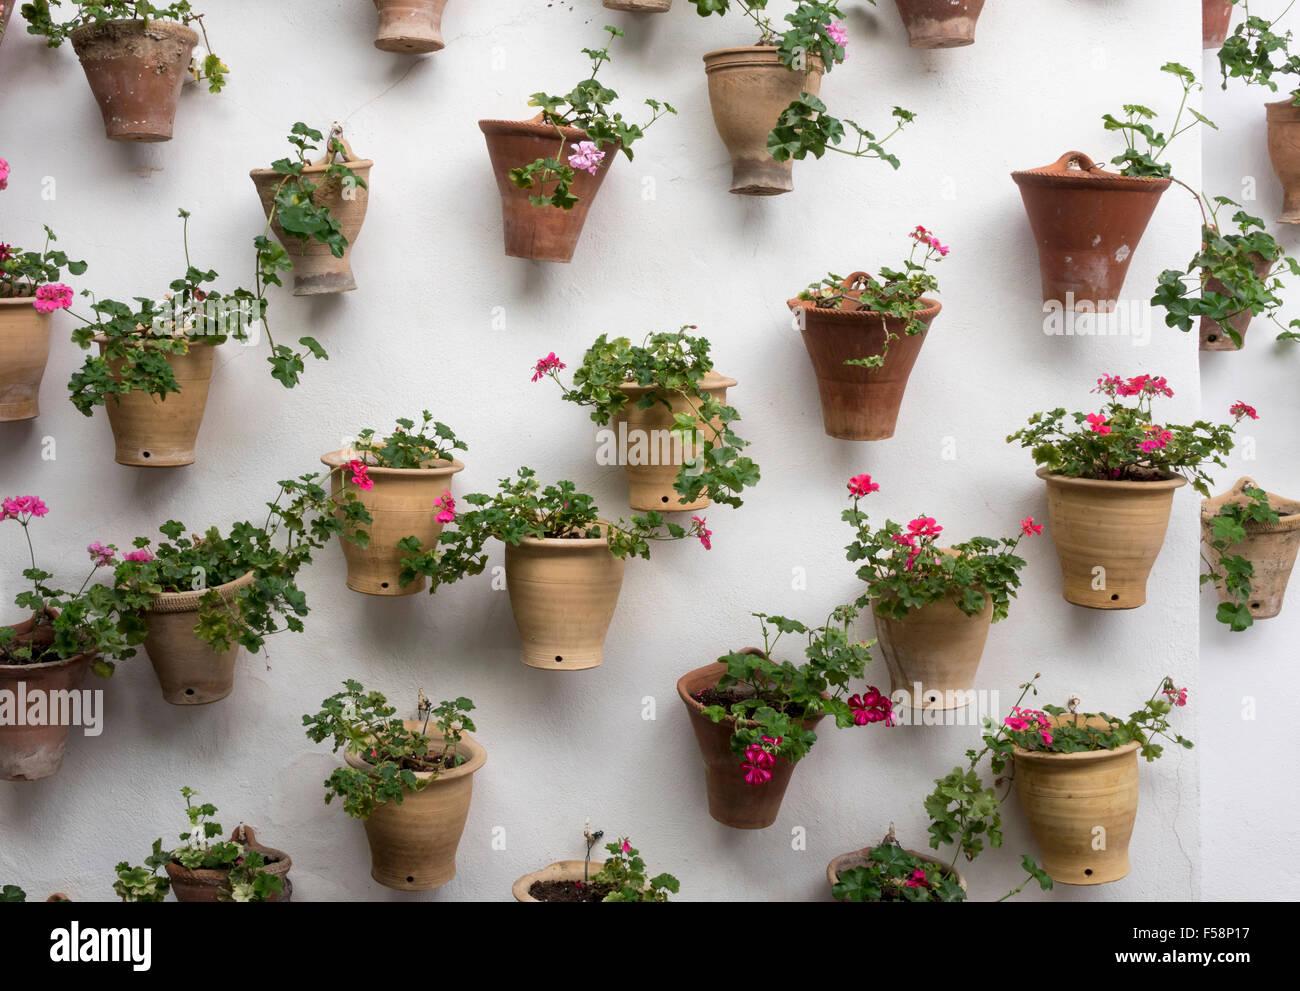 Jardín Vertical, jardinería - flores en macetas acoplado a una pared blanca Imagen De Stock